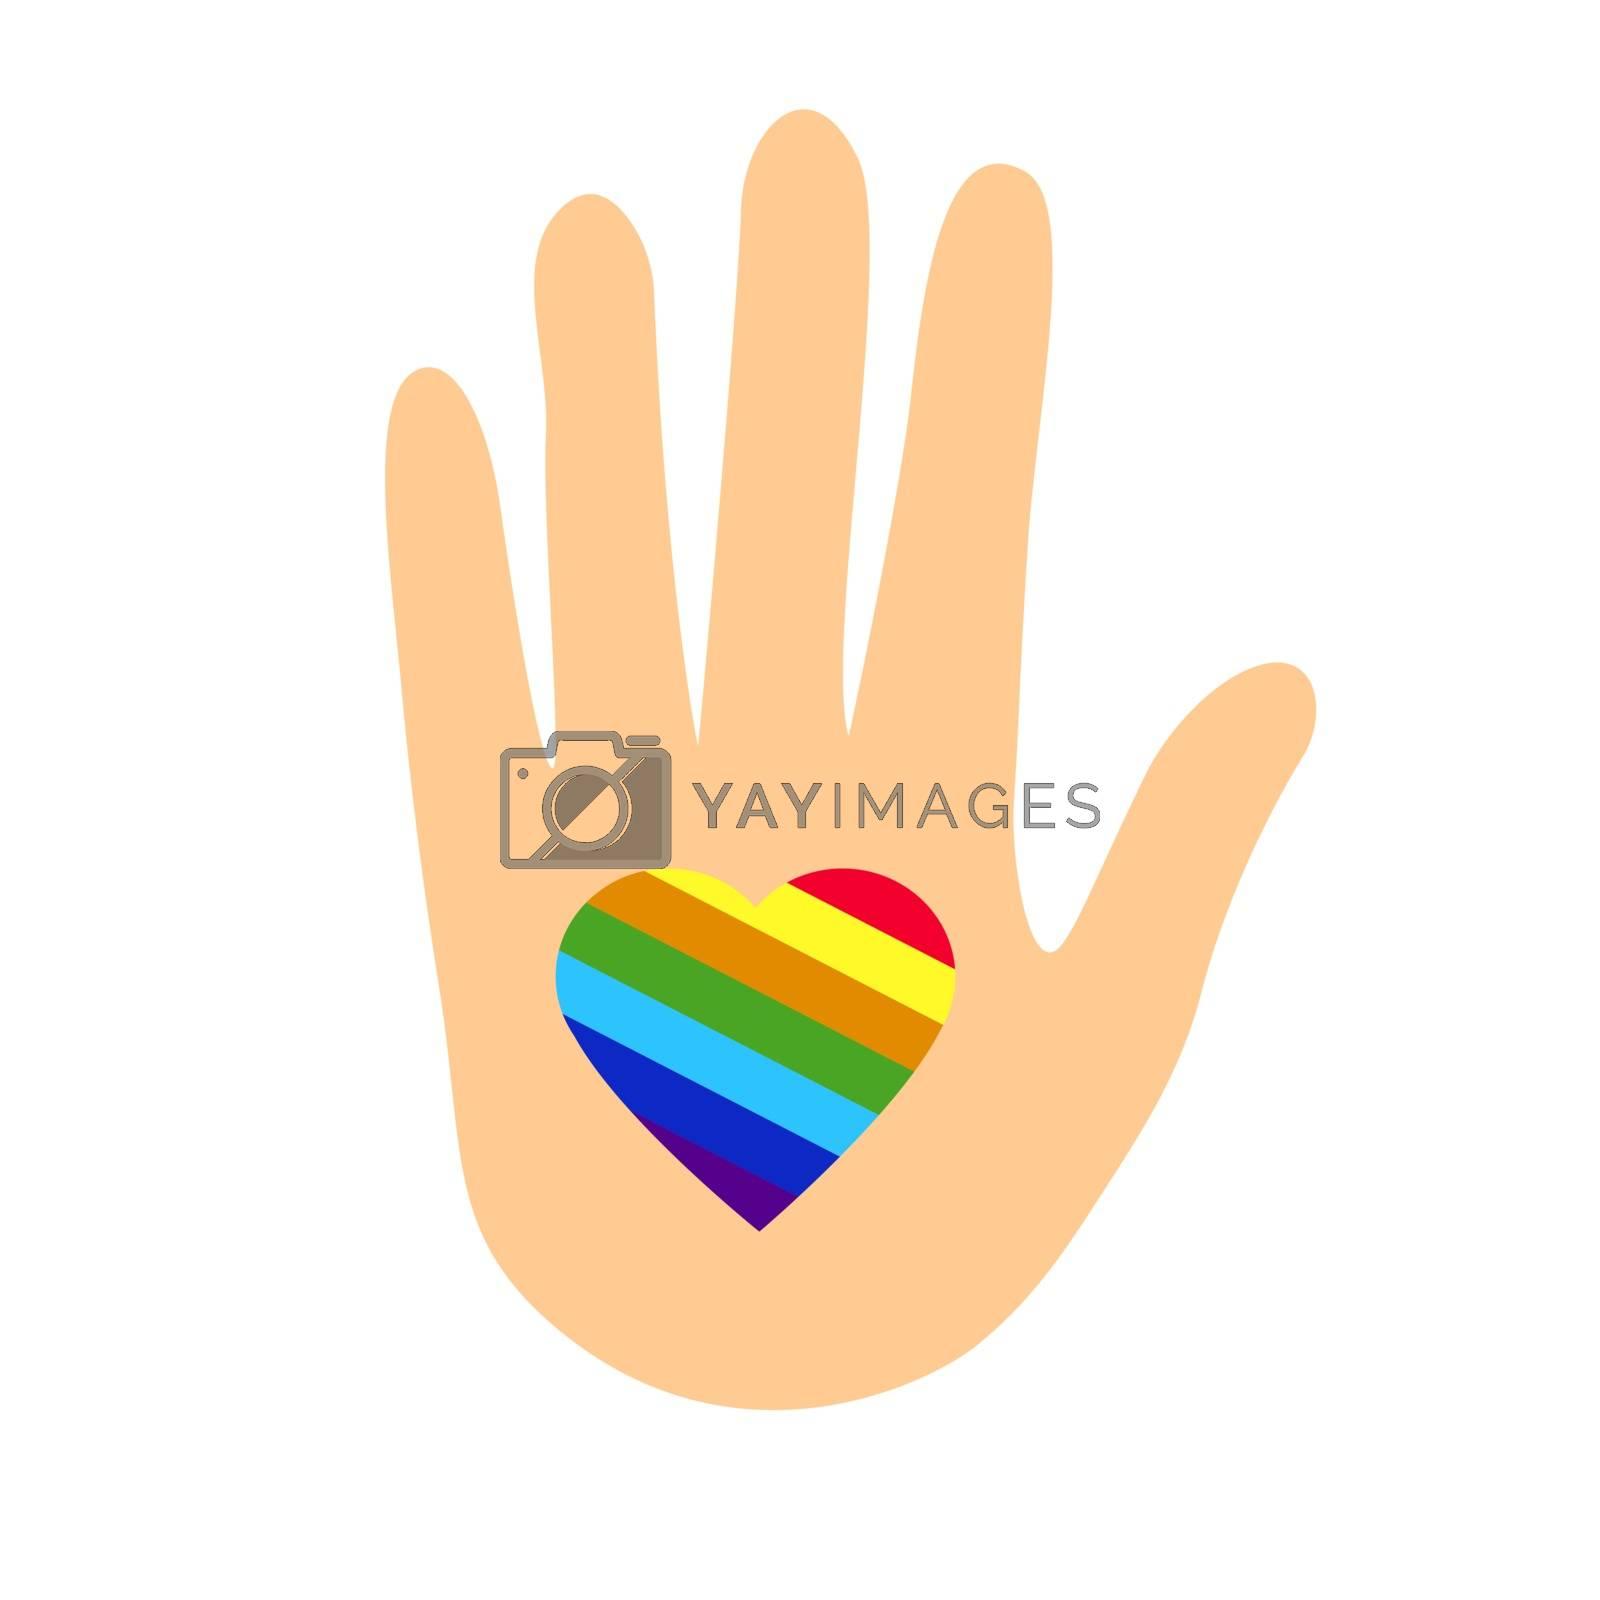 Hand with heart rainbow vector illustration .Lgbt flag rainbow heart shape.